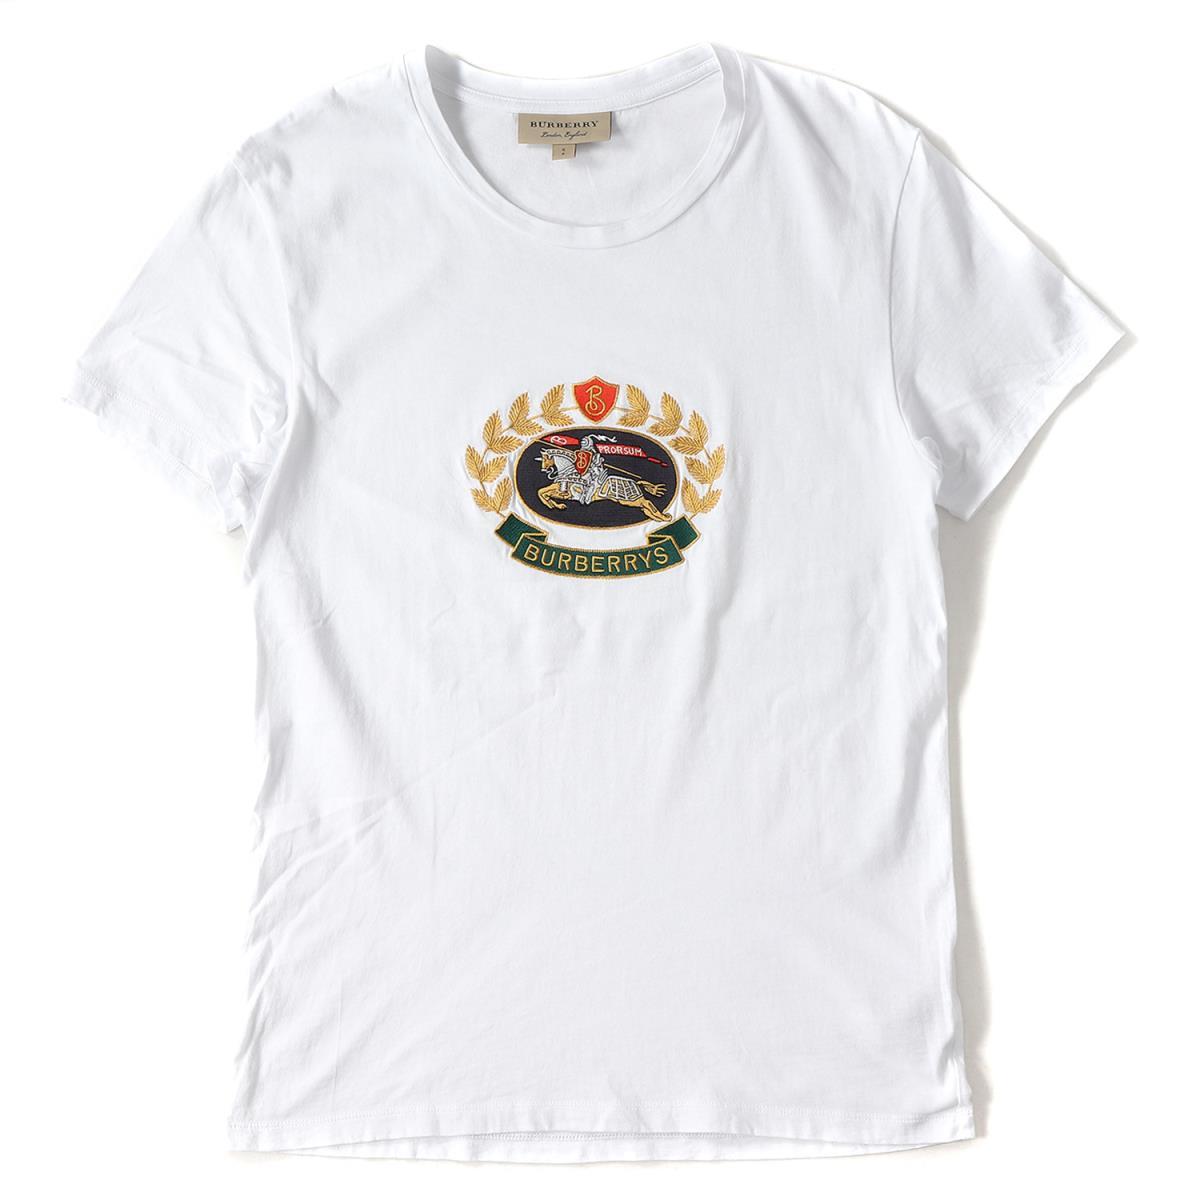 BURBERRY (バーバリー) 18S/S アイコン刺繍コットンクルーネックTシャツ ホワイト S 【メンズ】【美品】【K2122】【中古】